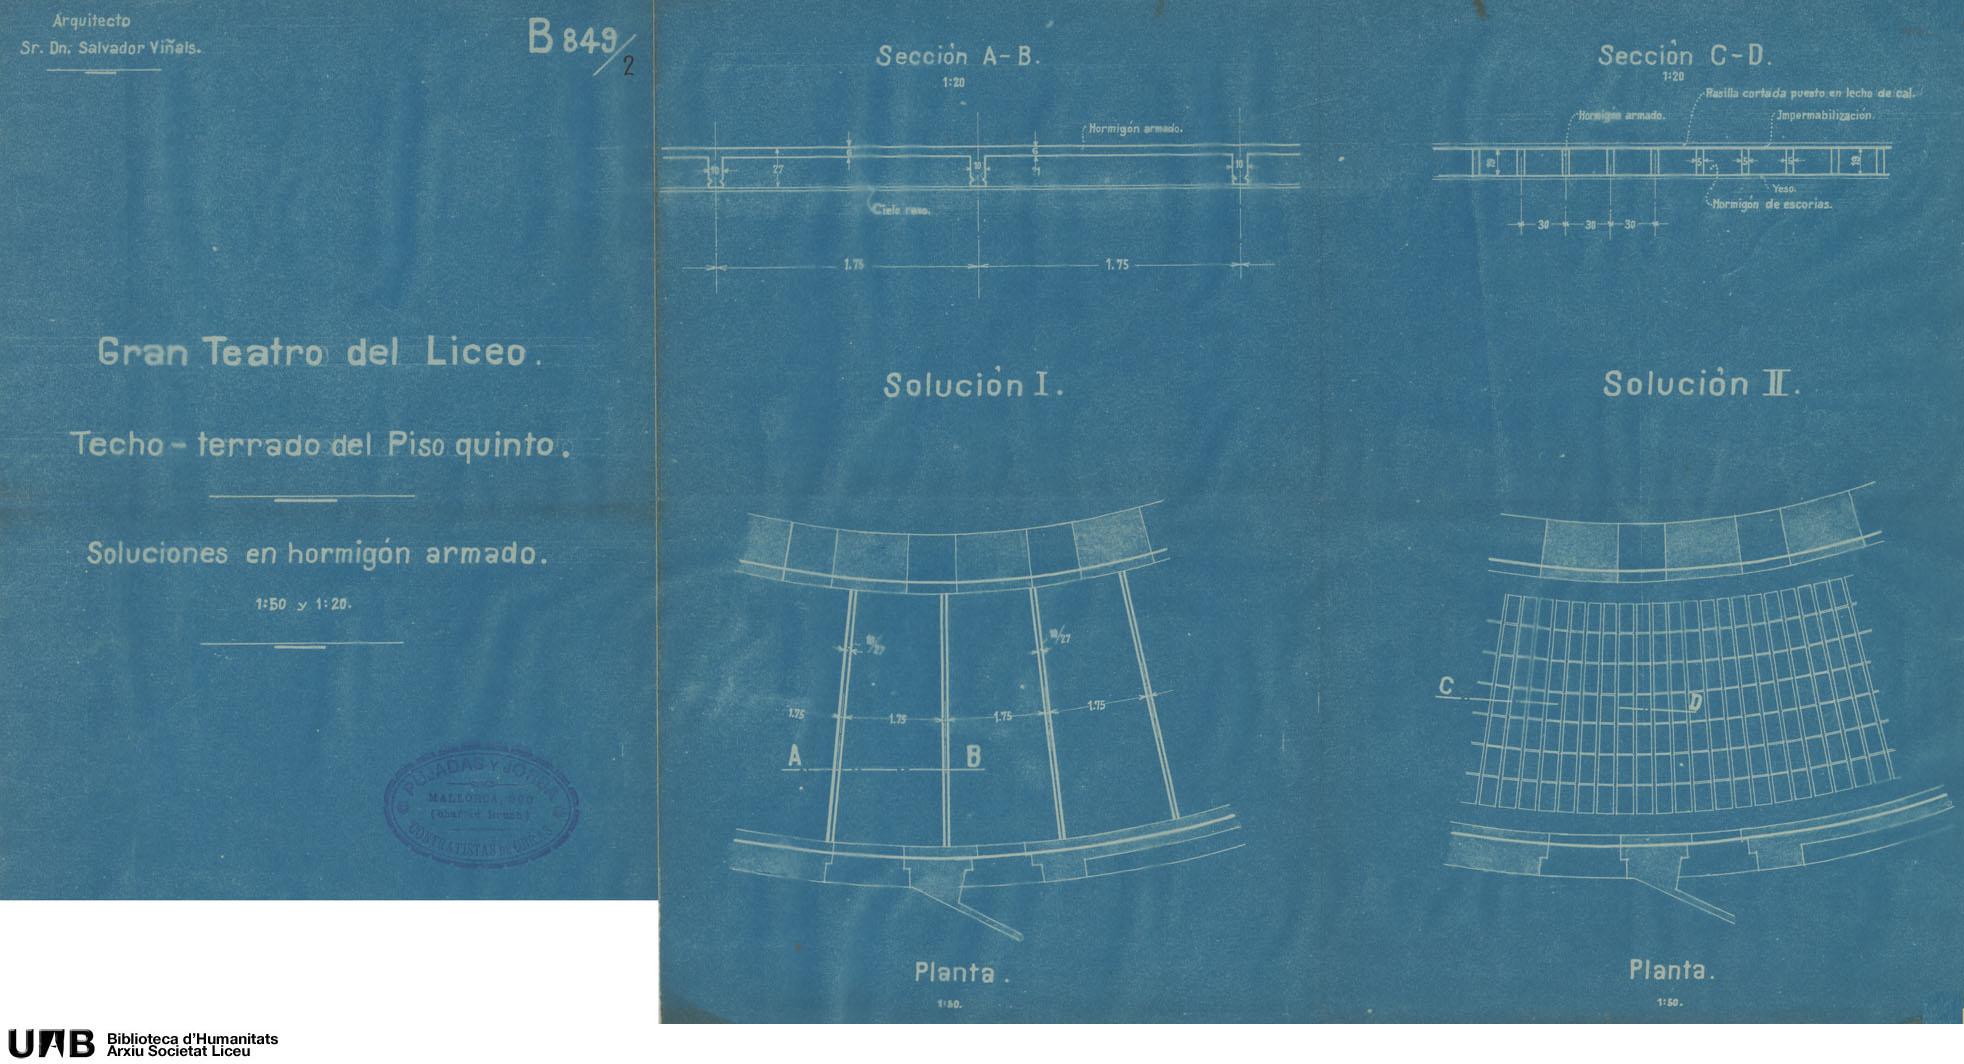 Techo-terrado del piso quinto : soluciones en hormigón armado